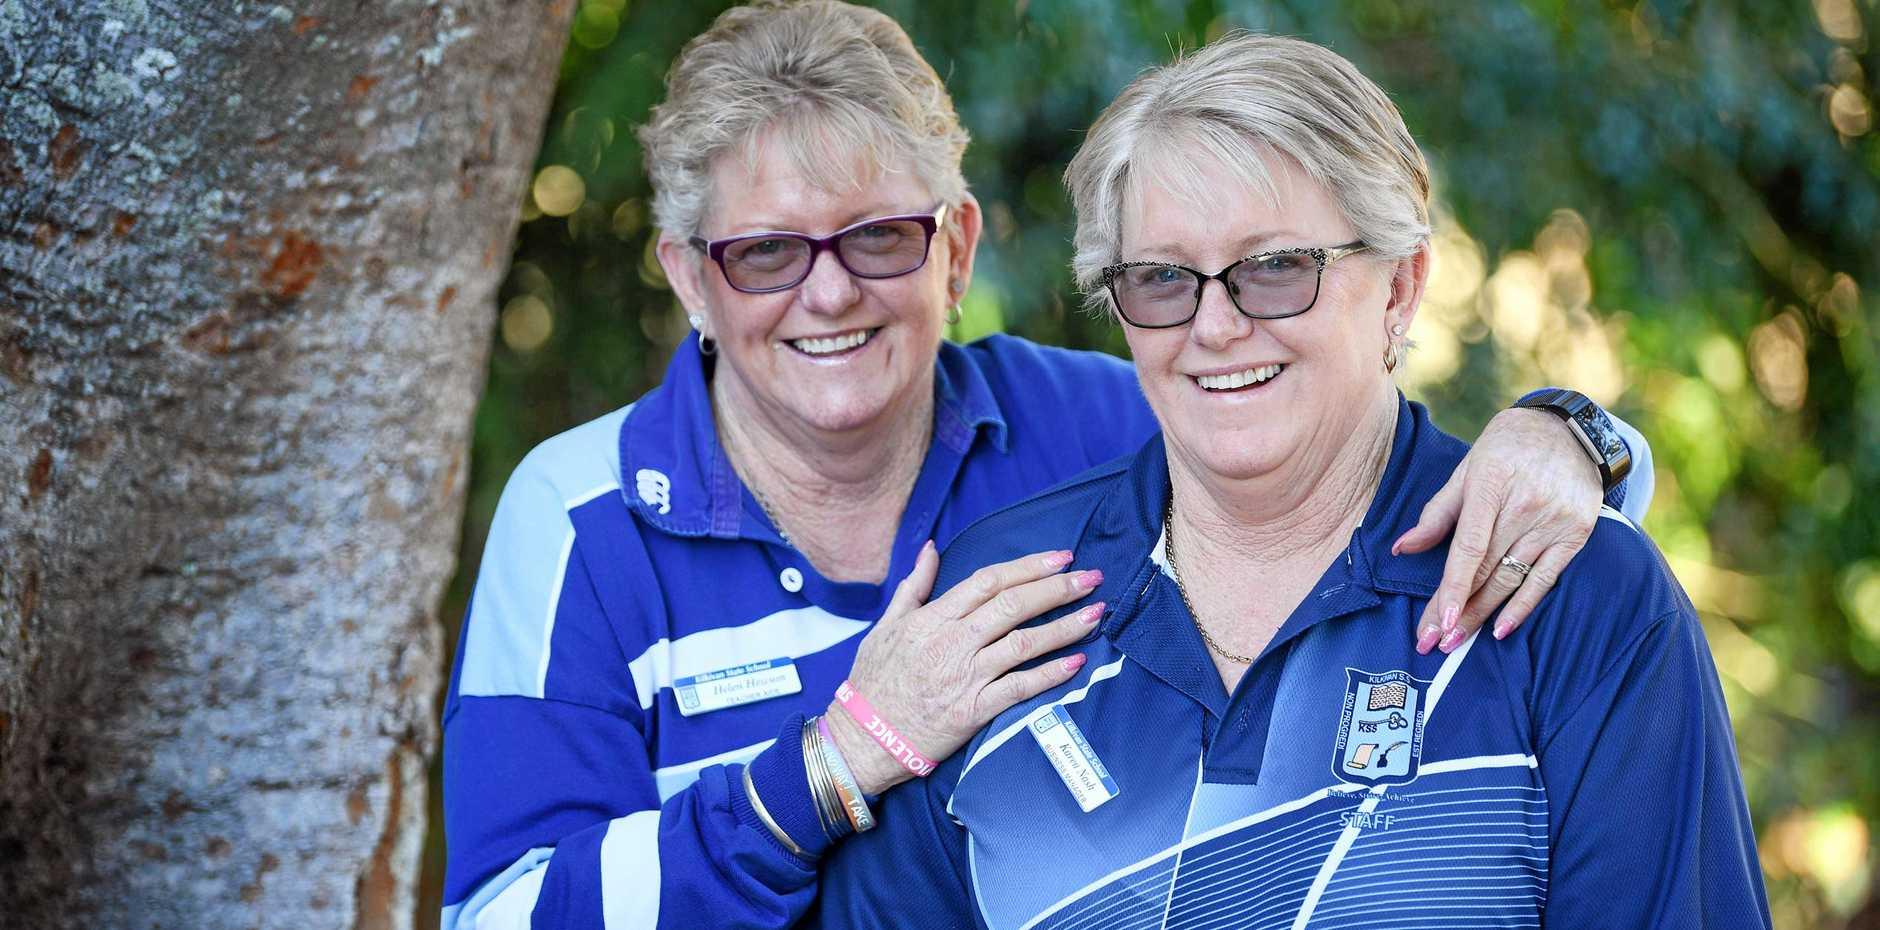 TWIN ROLES: Helen Hewson and Karen Nash twins that both work at Kilkivan school.